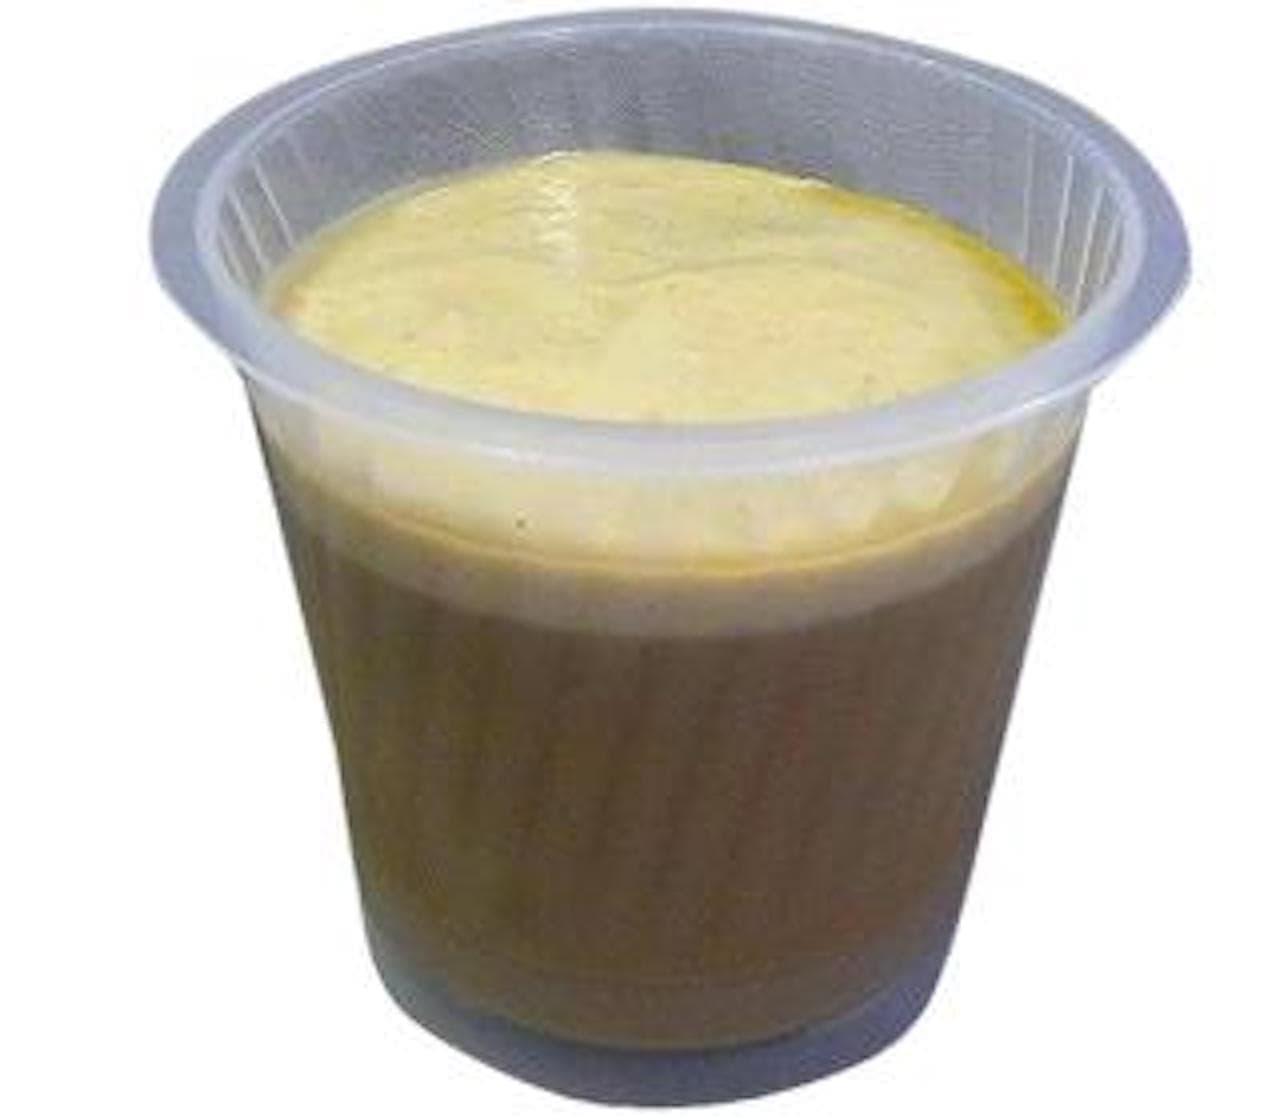 シャトレーゼ「コーヒー牛乳プリン」